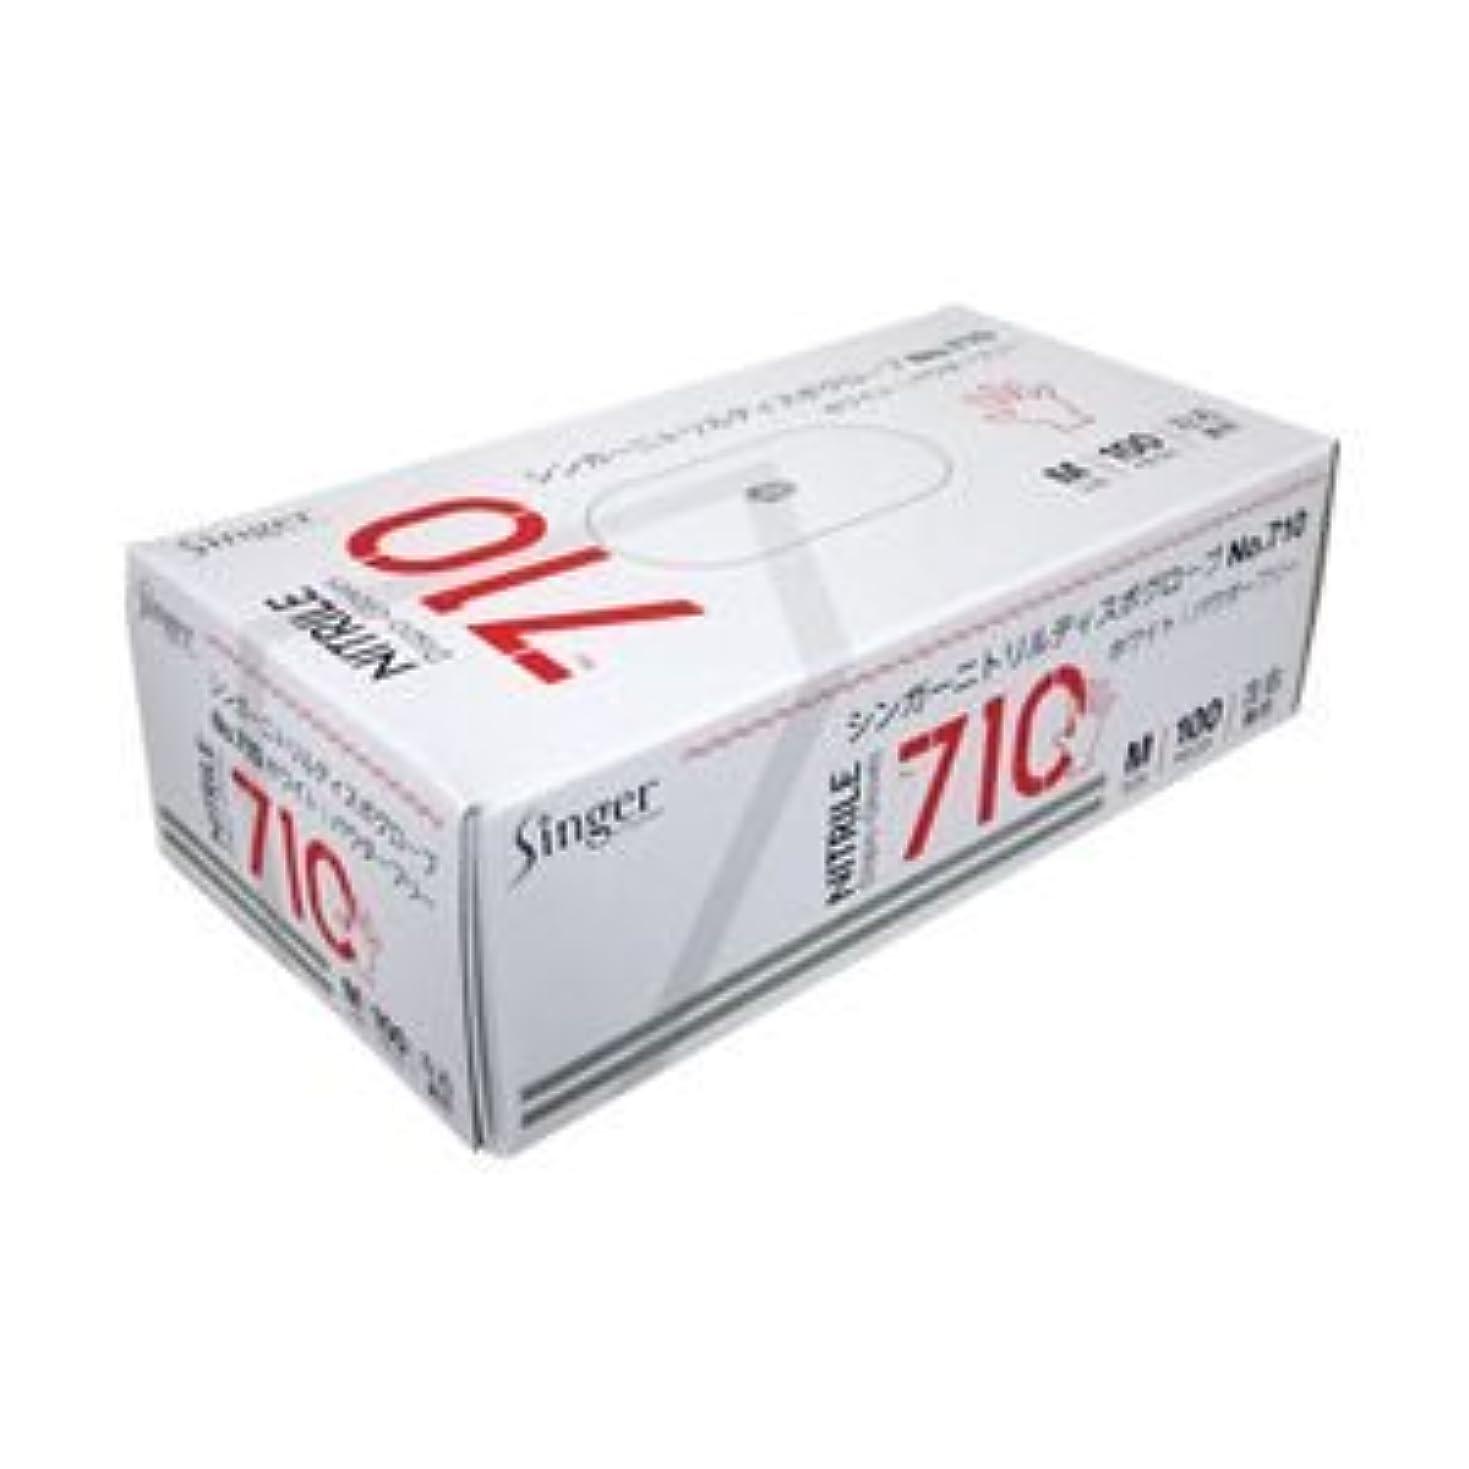 意気込み申し立てられた兵器庫宇都宮製作 ニトリル手袋710 粉なし M 1箱(100枚) ×5セット